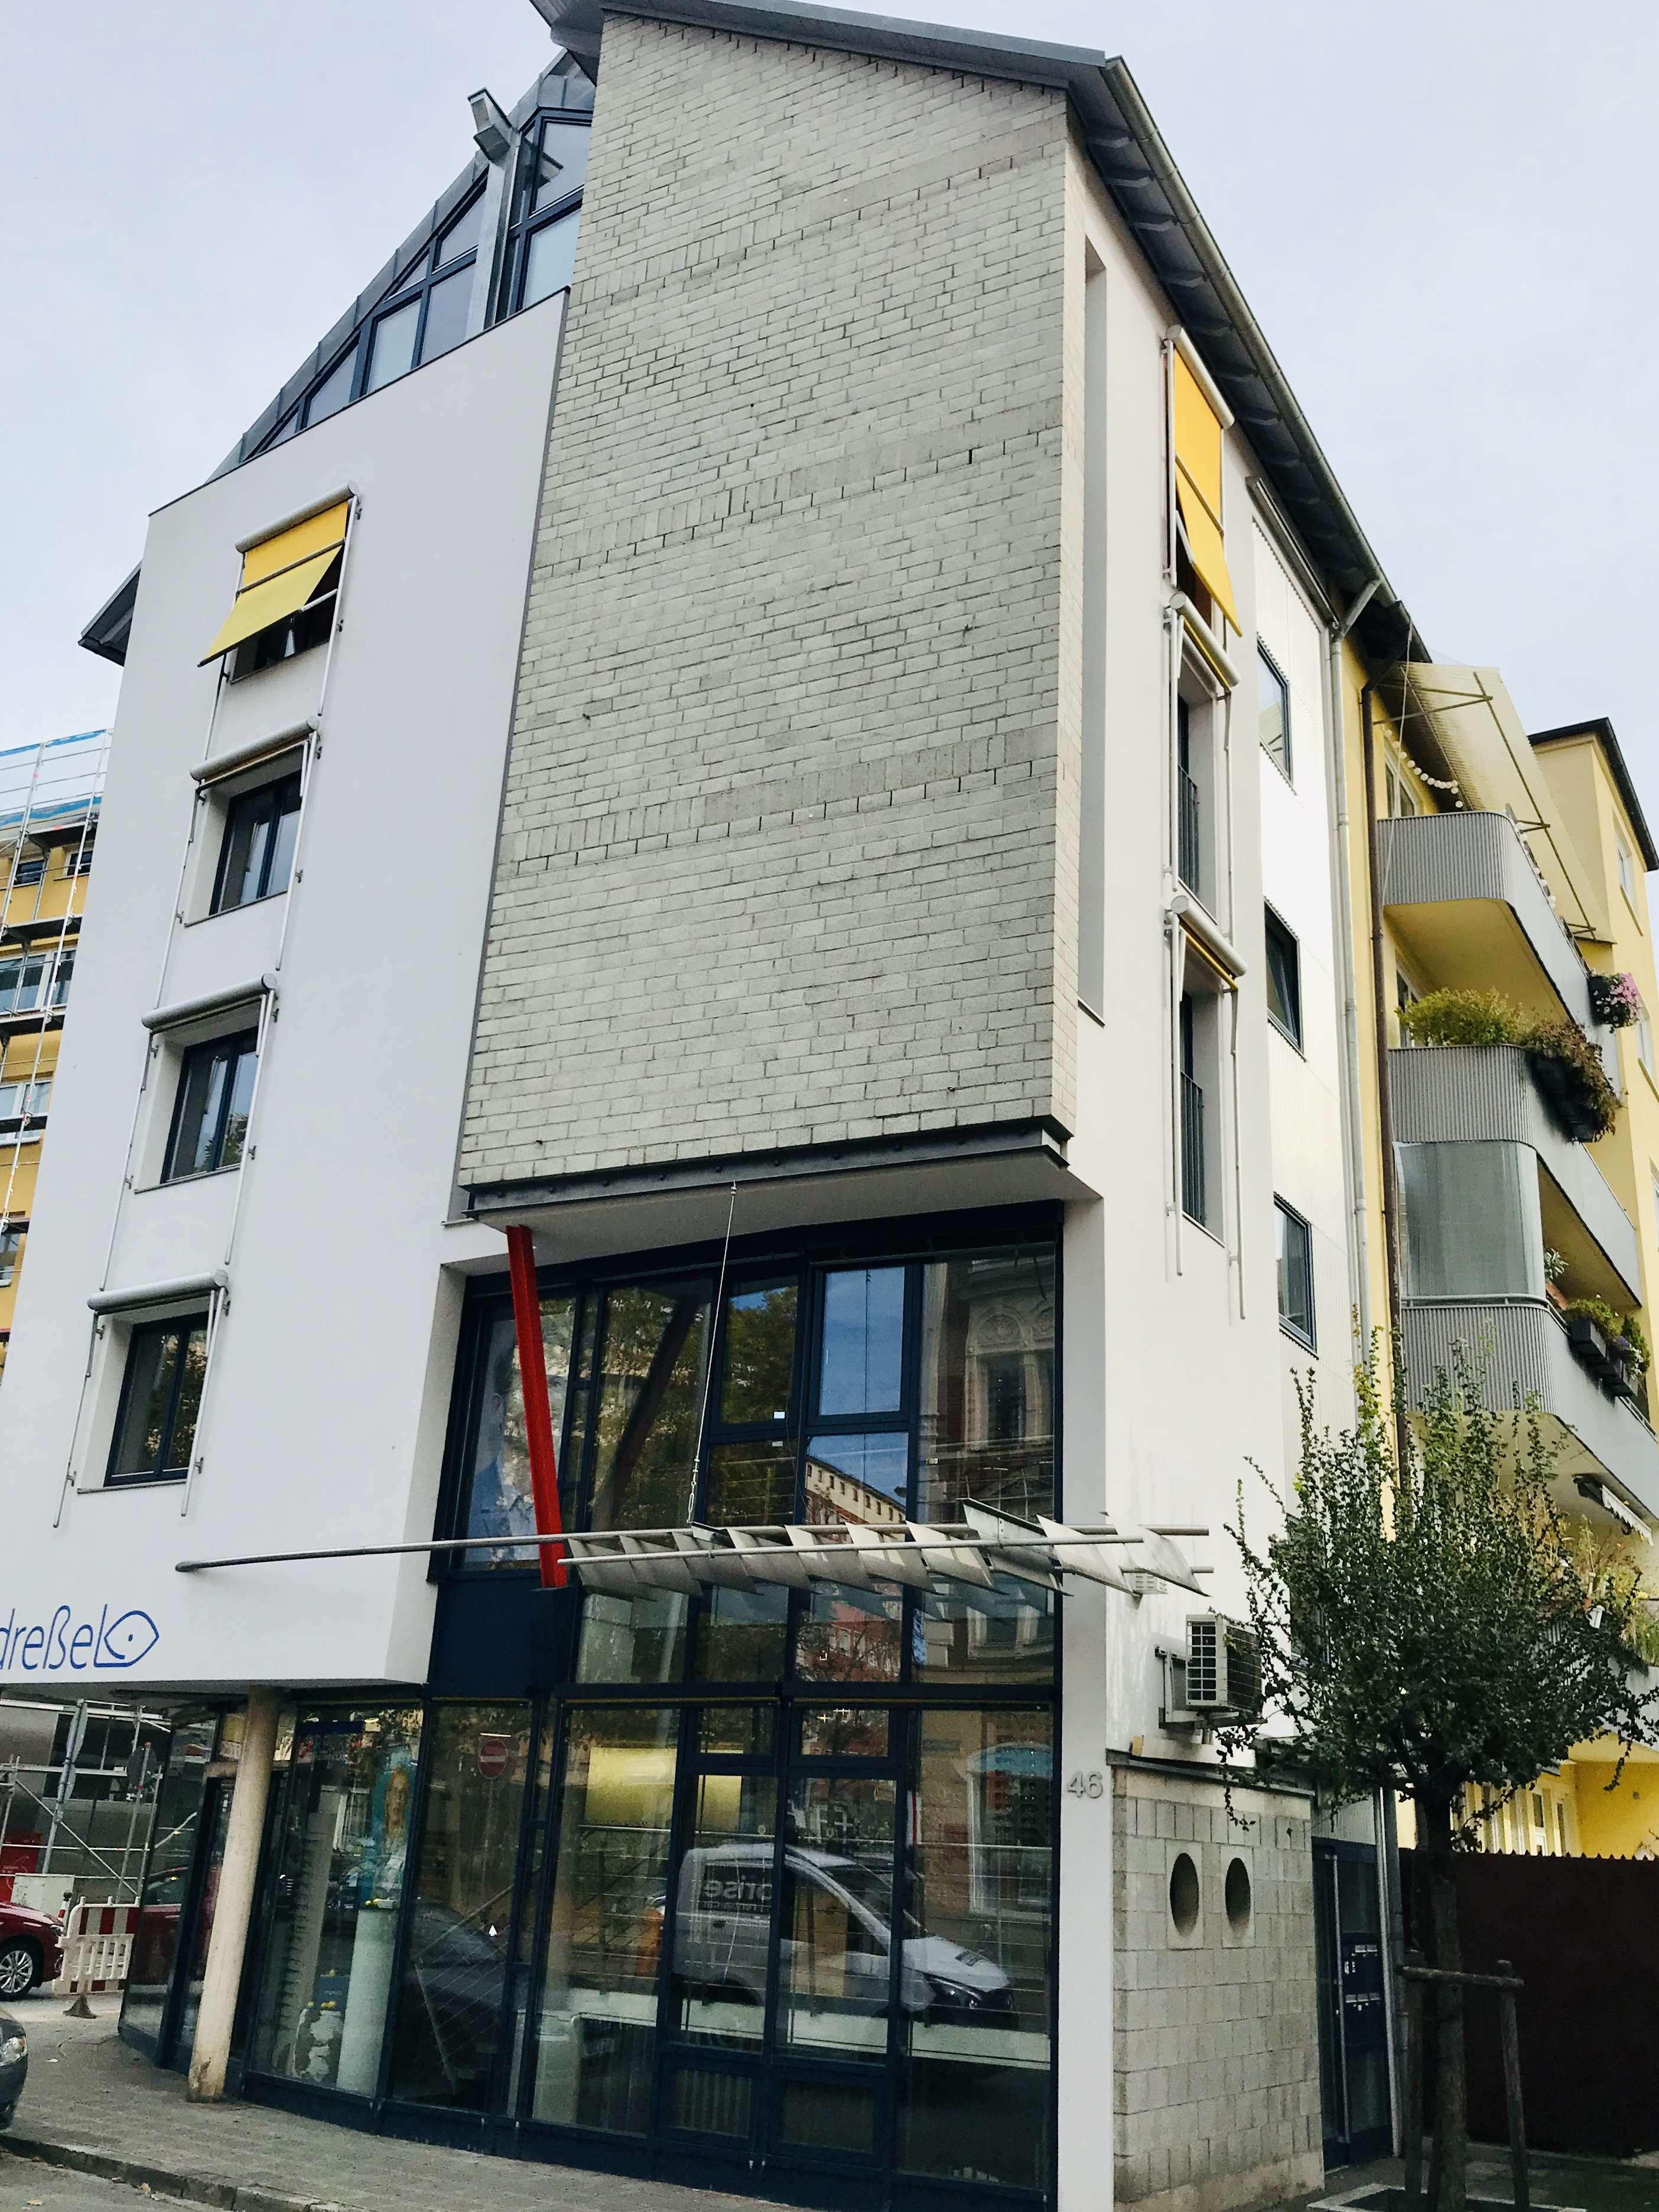 Exklusive, geräumige und gepflegte 1-Zimmer-Loft-Wohnung mit EBK in Nürnberg in Veilhof (Nürnberg)